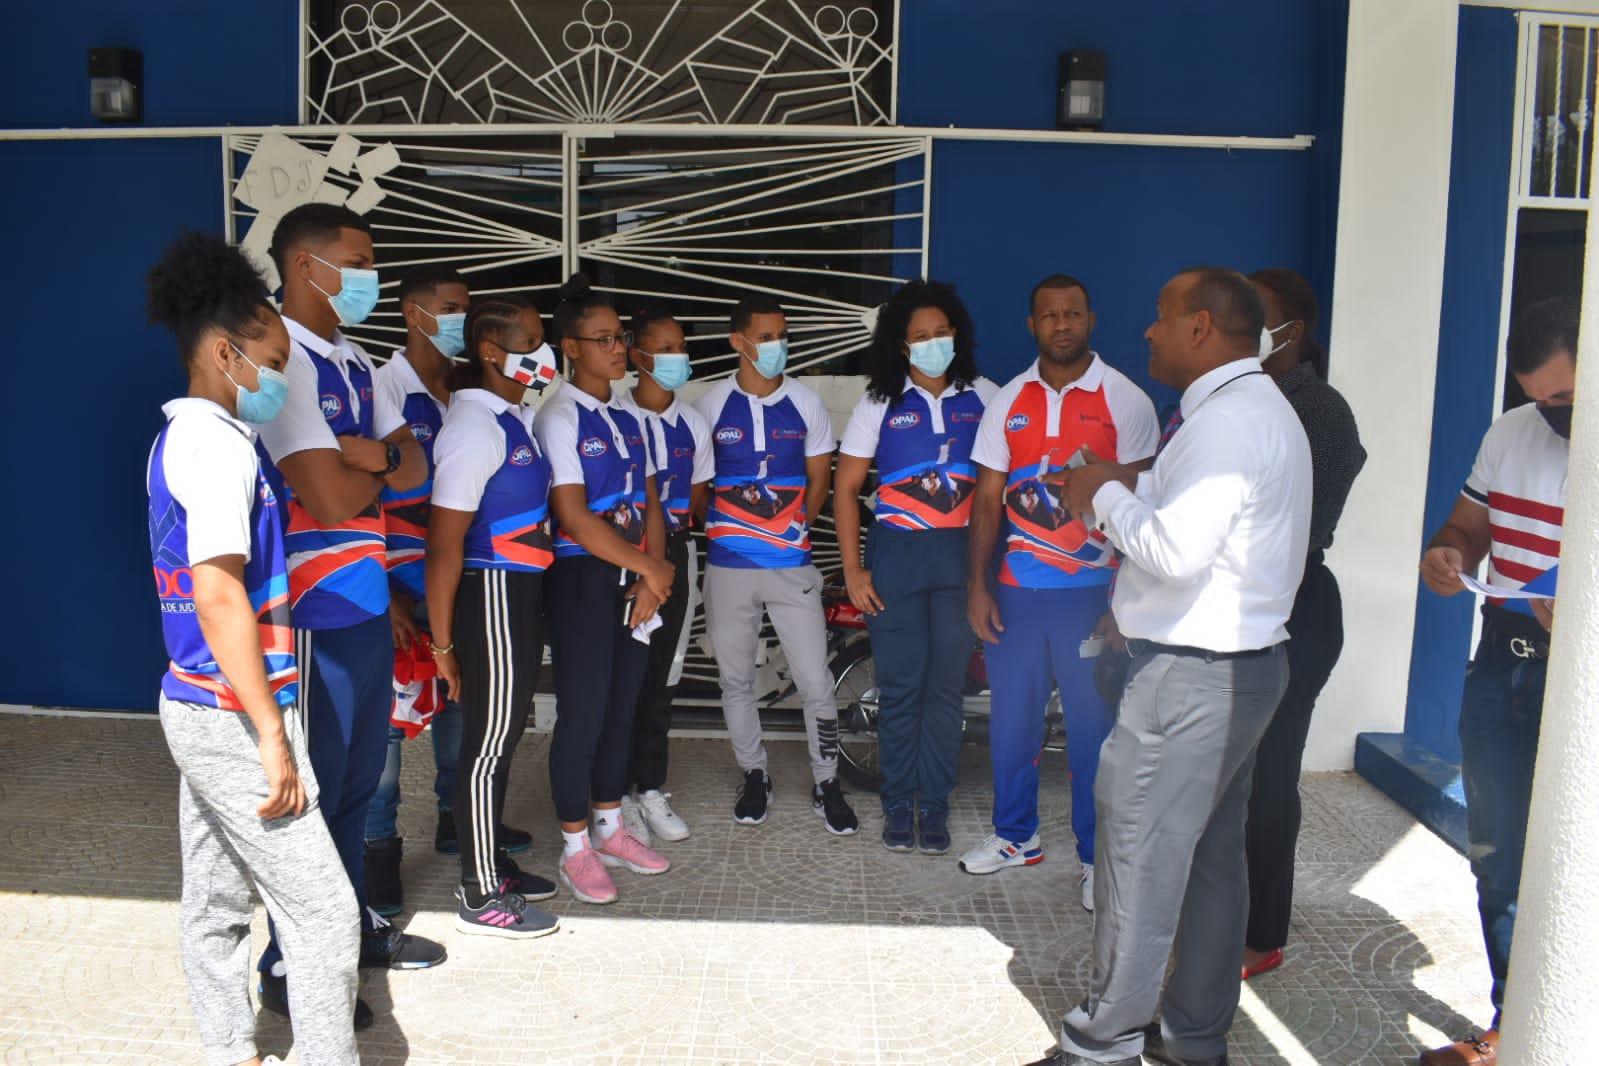 Judocas van a clasificatorio Panamericano Junior en Ecuador